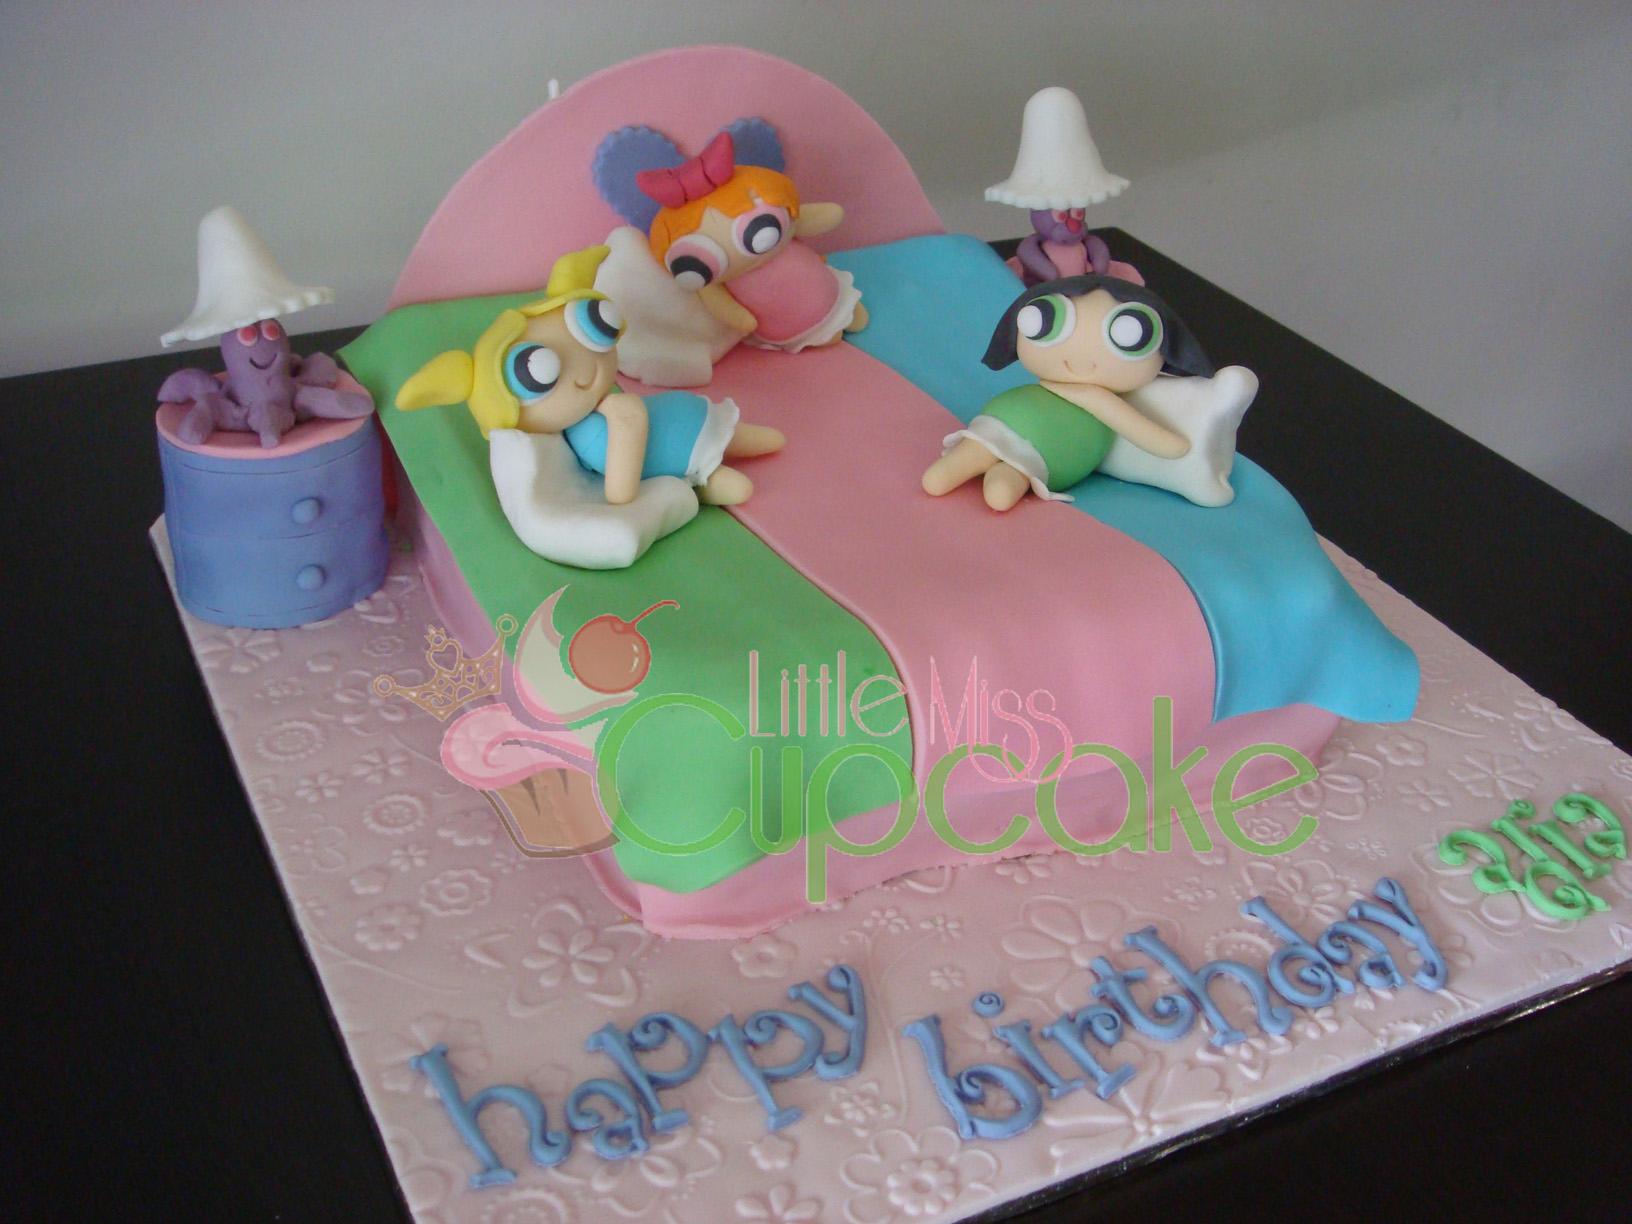 Power Puff Girls Little Miss Cupcake